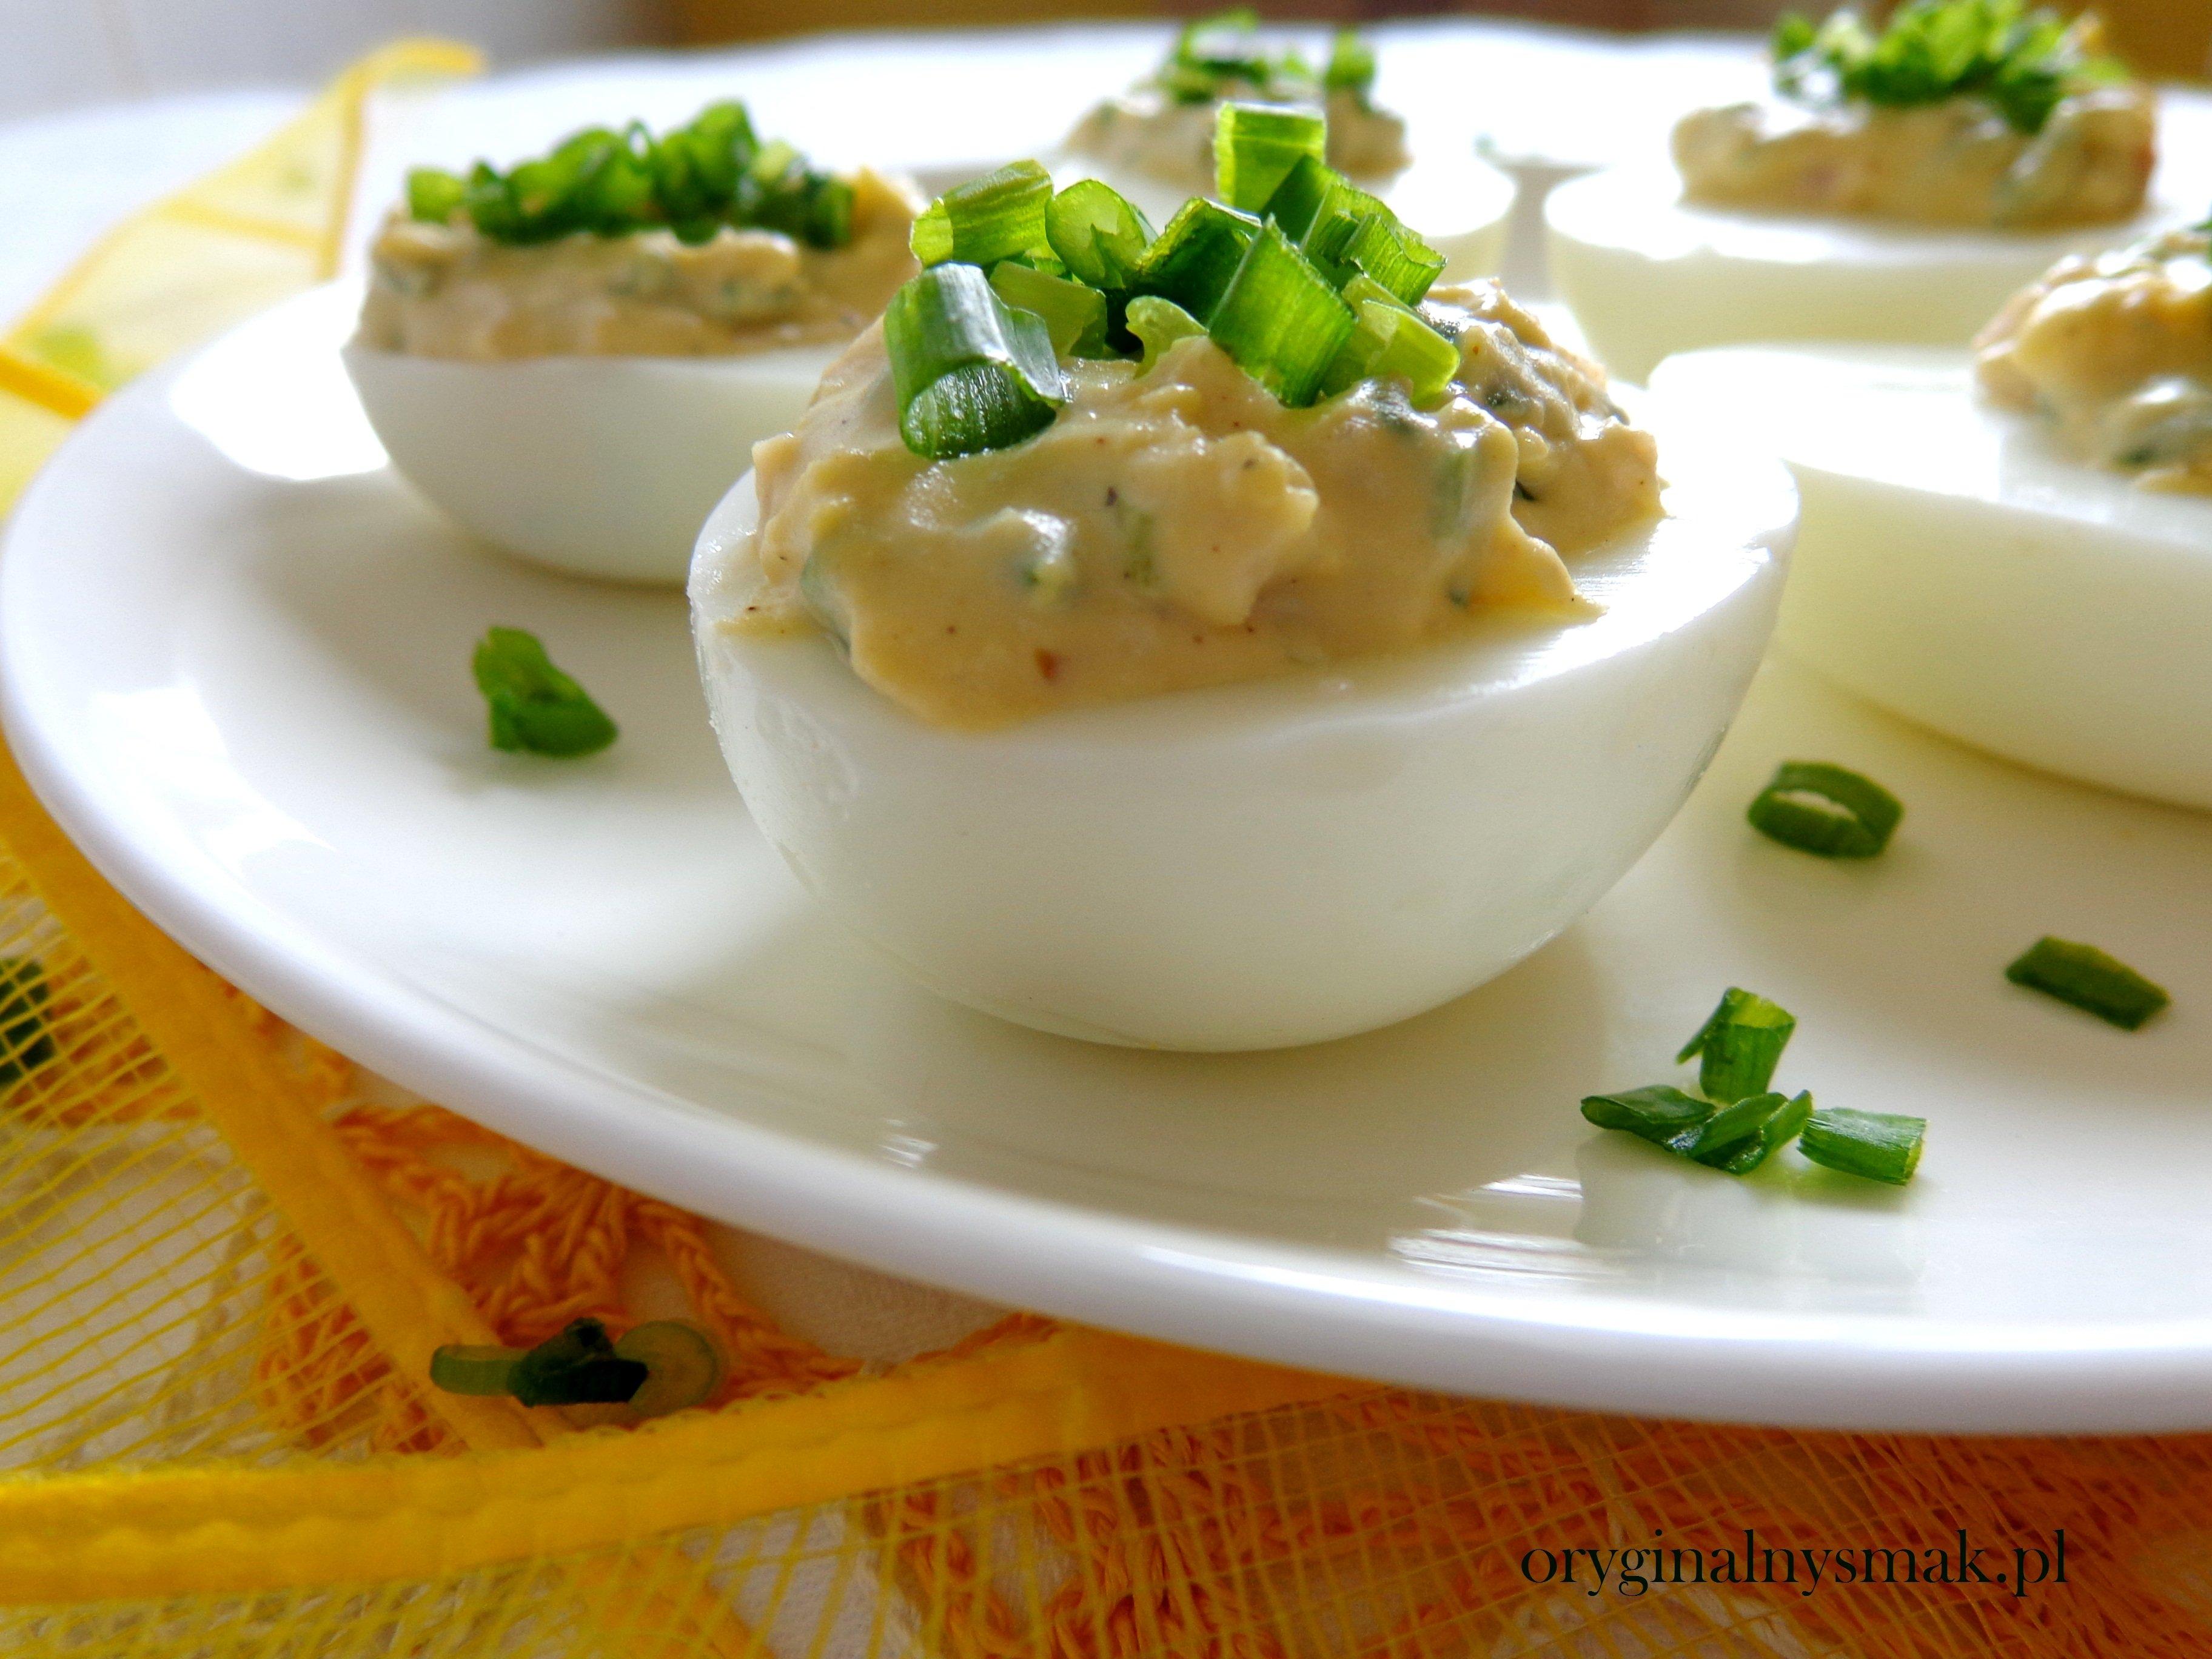 Jajka Faszerowane Szynka I Szczypiorkiem Oryginalny Smak